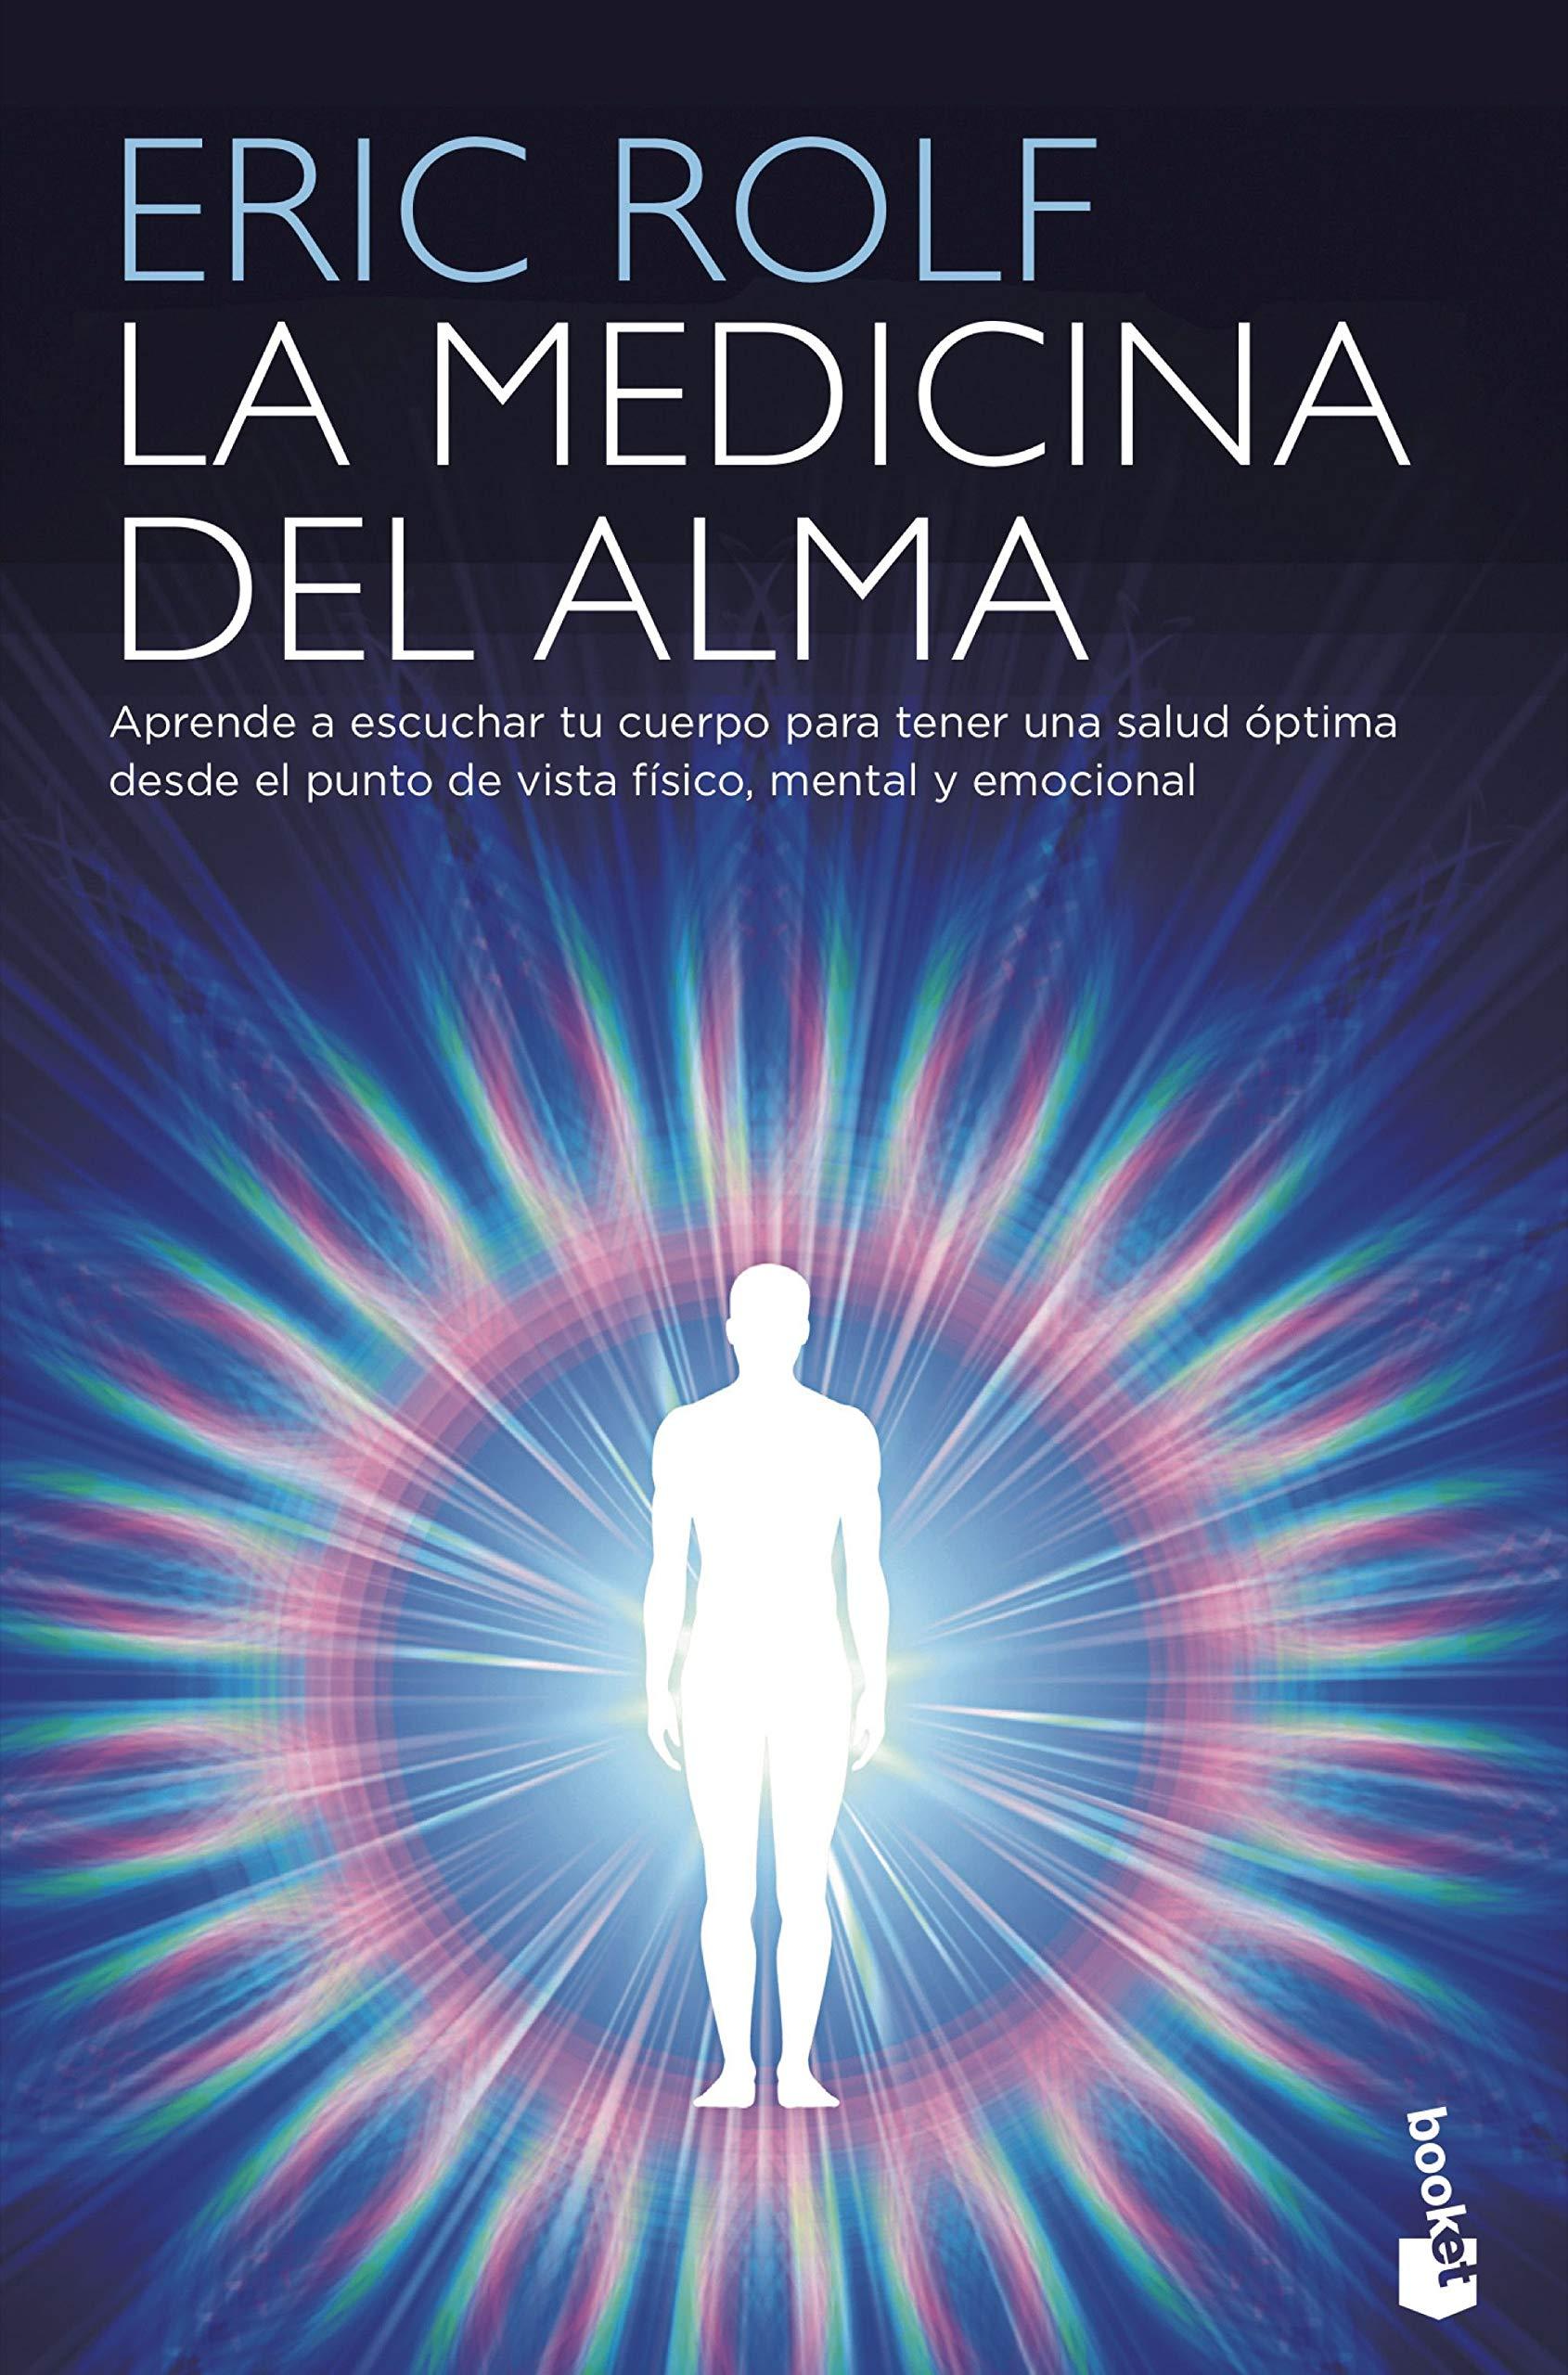 La medicina del alma: Eric Rolf: 9788408210023: Amazon.com ...